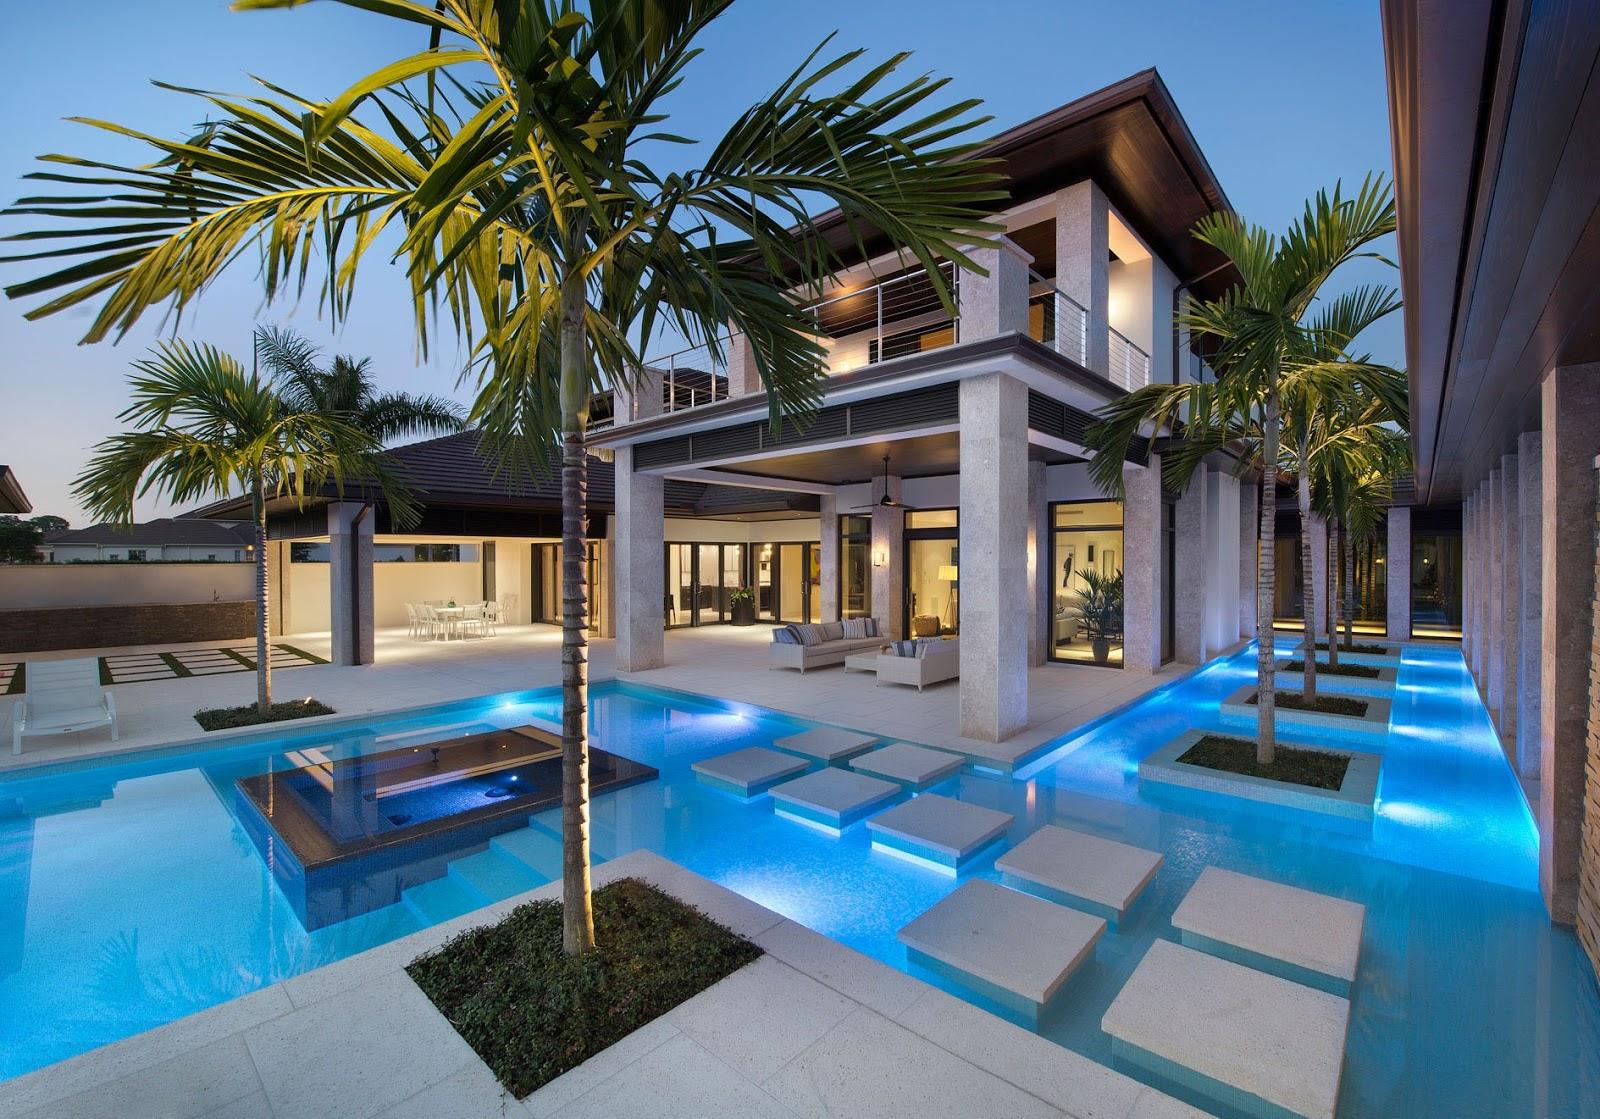 custom pools